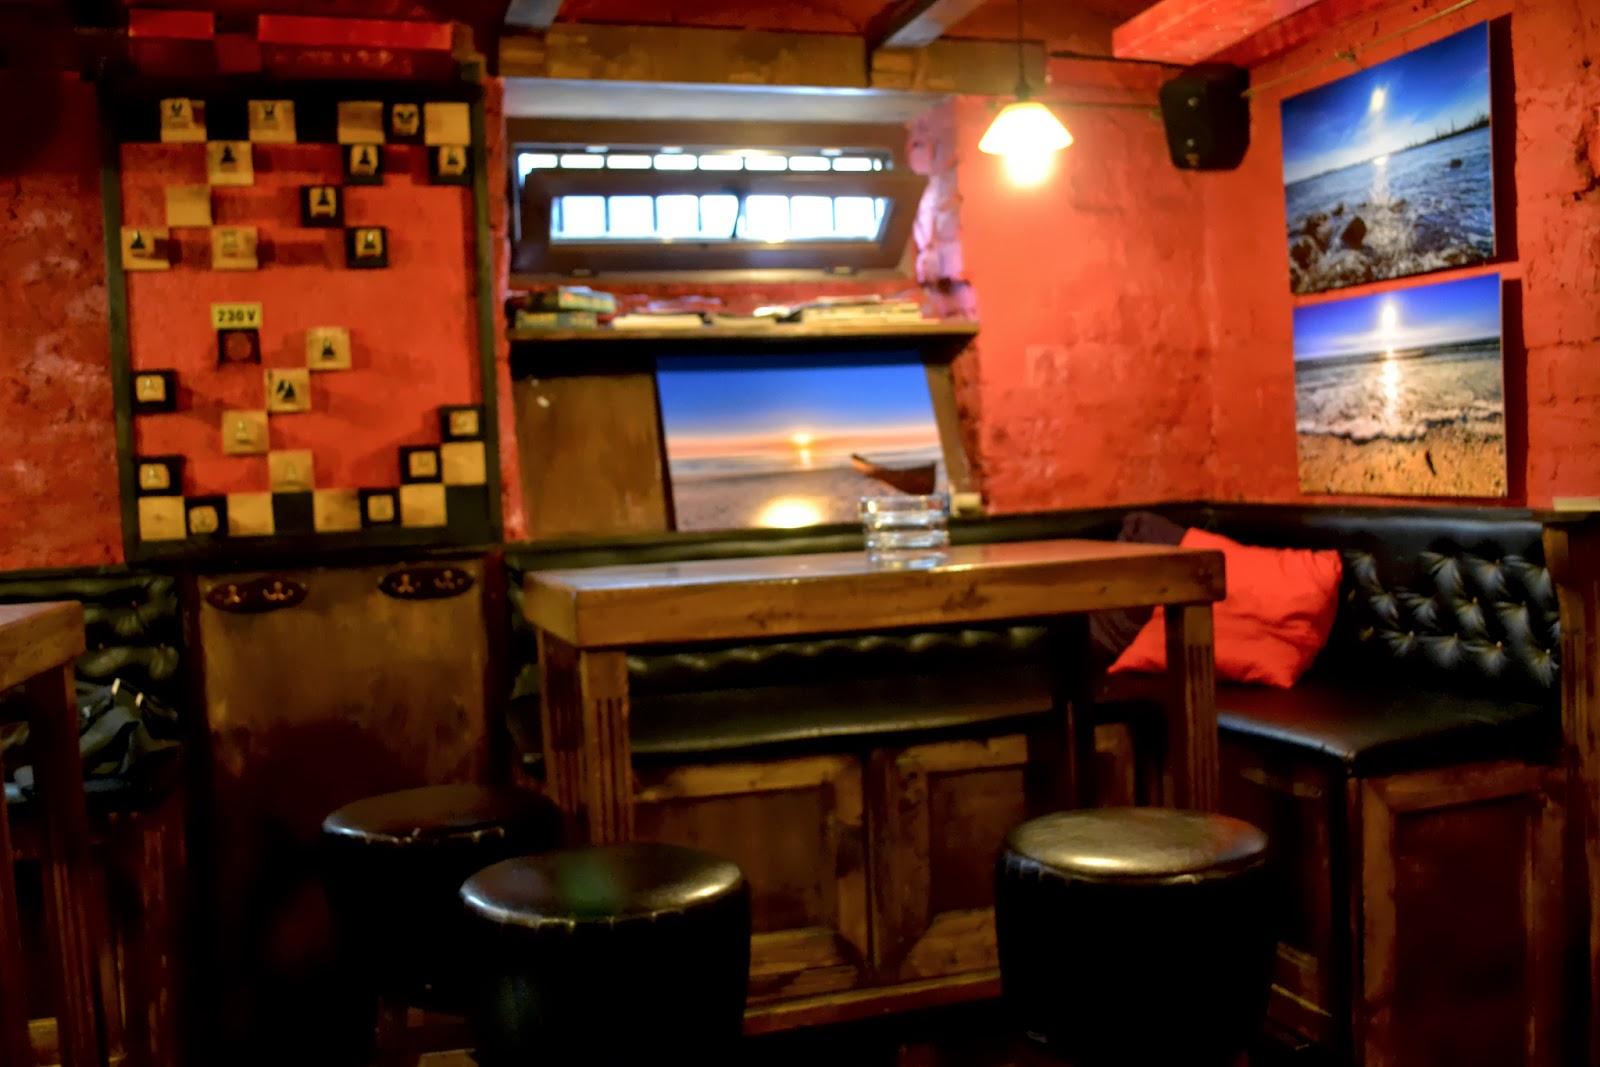 londophone pub cafea unde sa-mi beau cafeaua